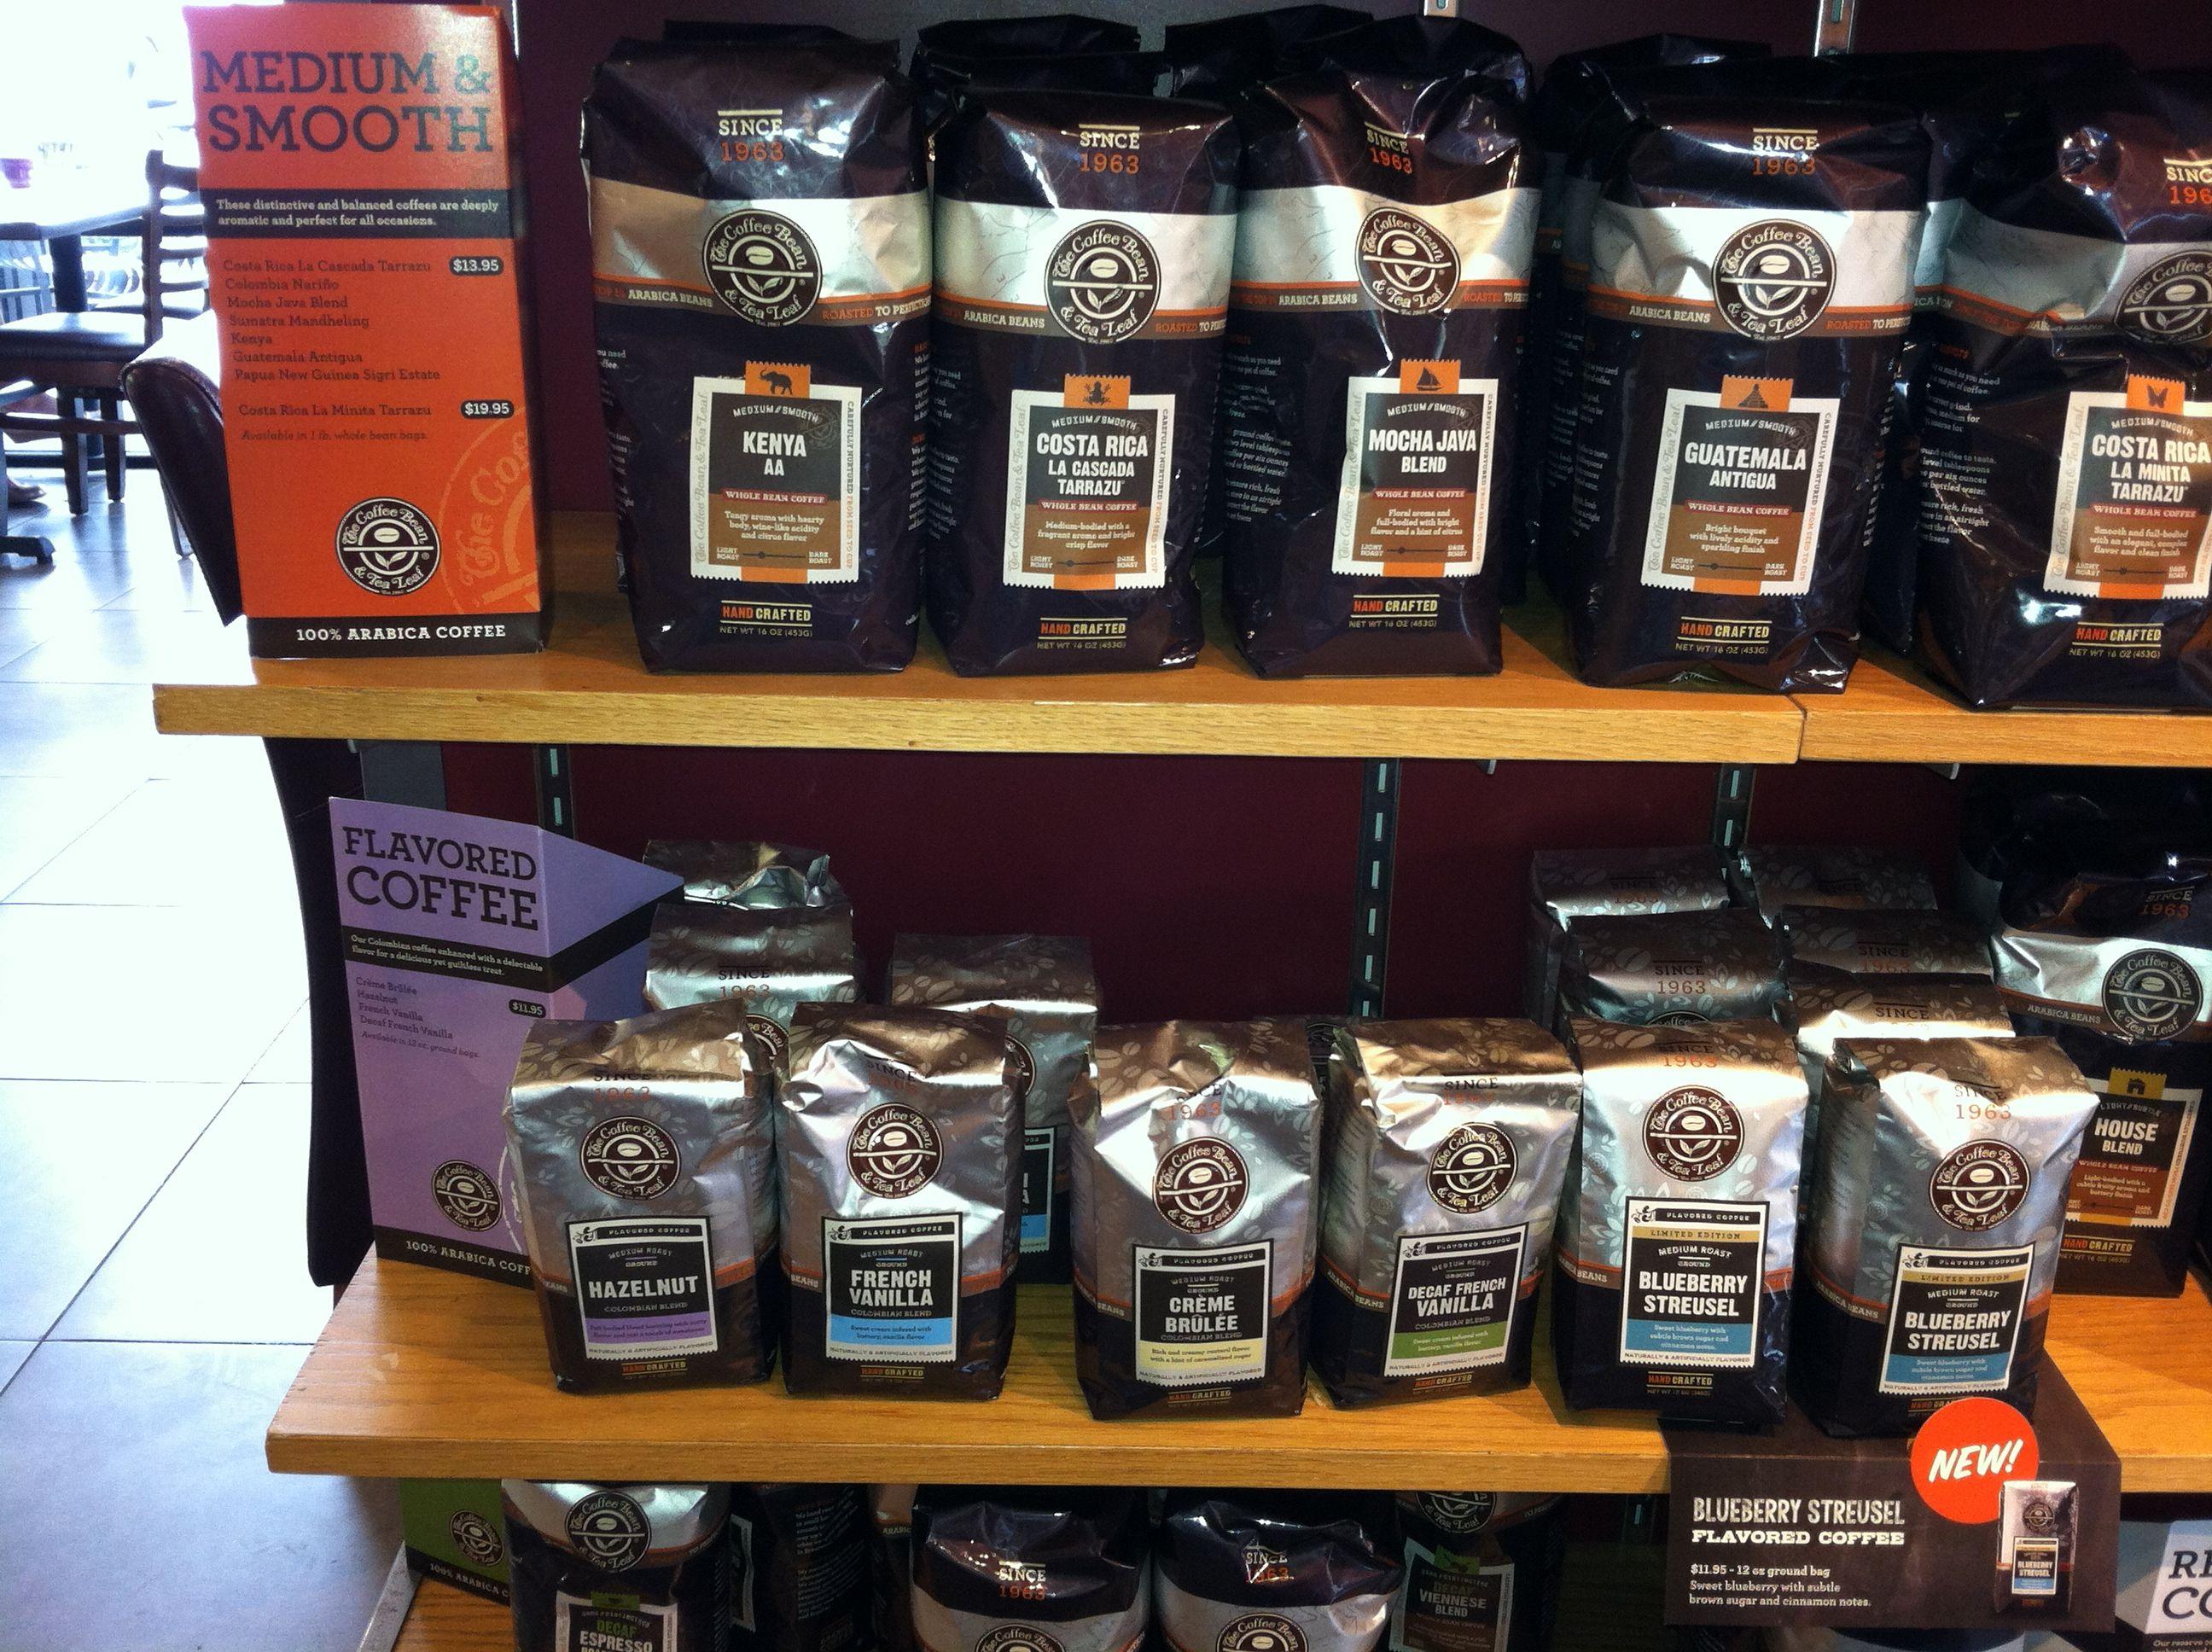 Coffee Bean Tea Leaf Packaging Display Restaurant Marketing Tea Leaves Jack Daniels Whiskey Bottle